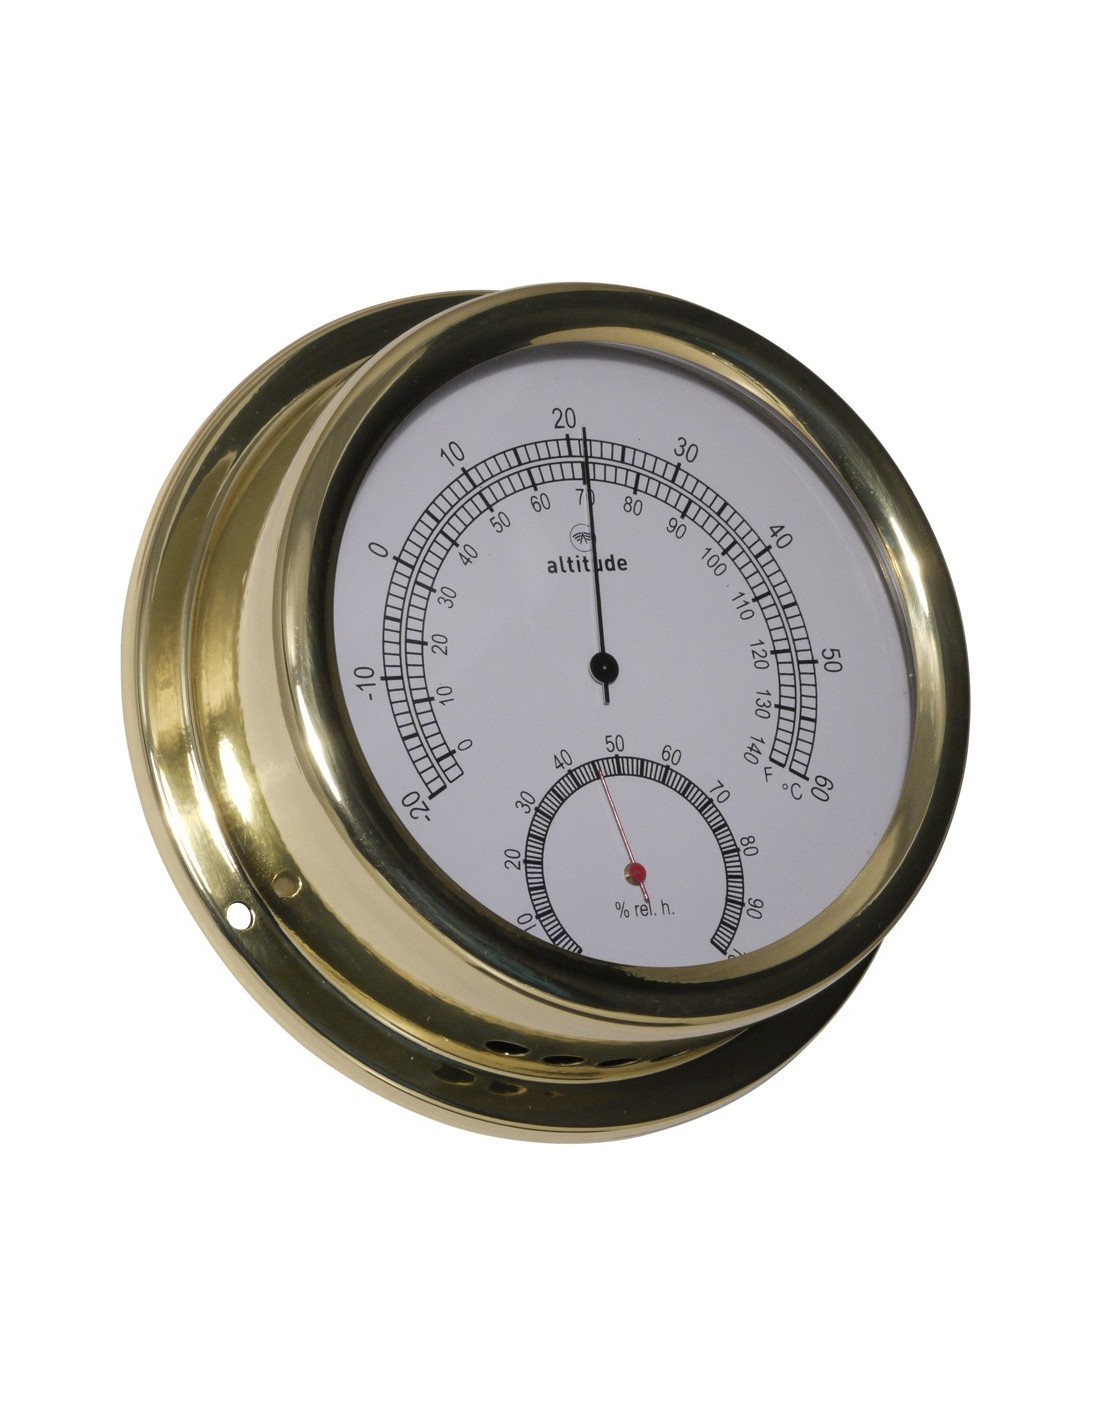 Thermometer / Hygrometer - 150 mm - Altitude - Scheepsinstrumenten - 866 TH